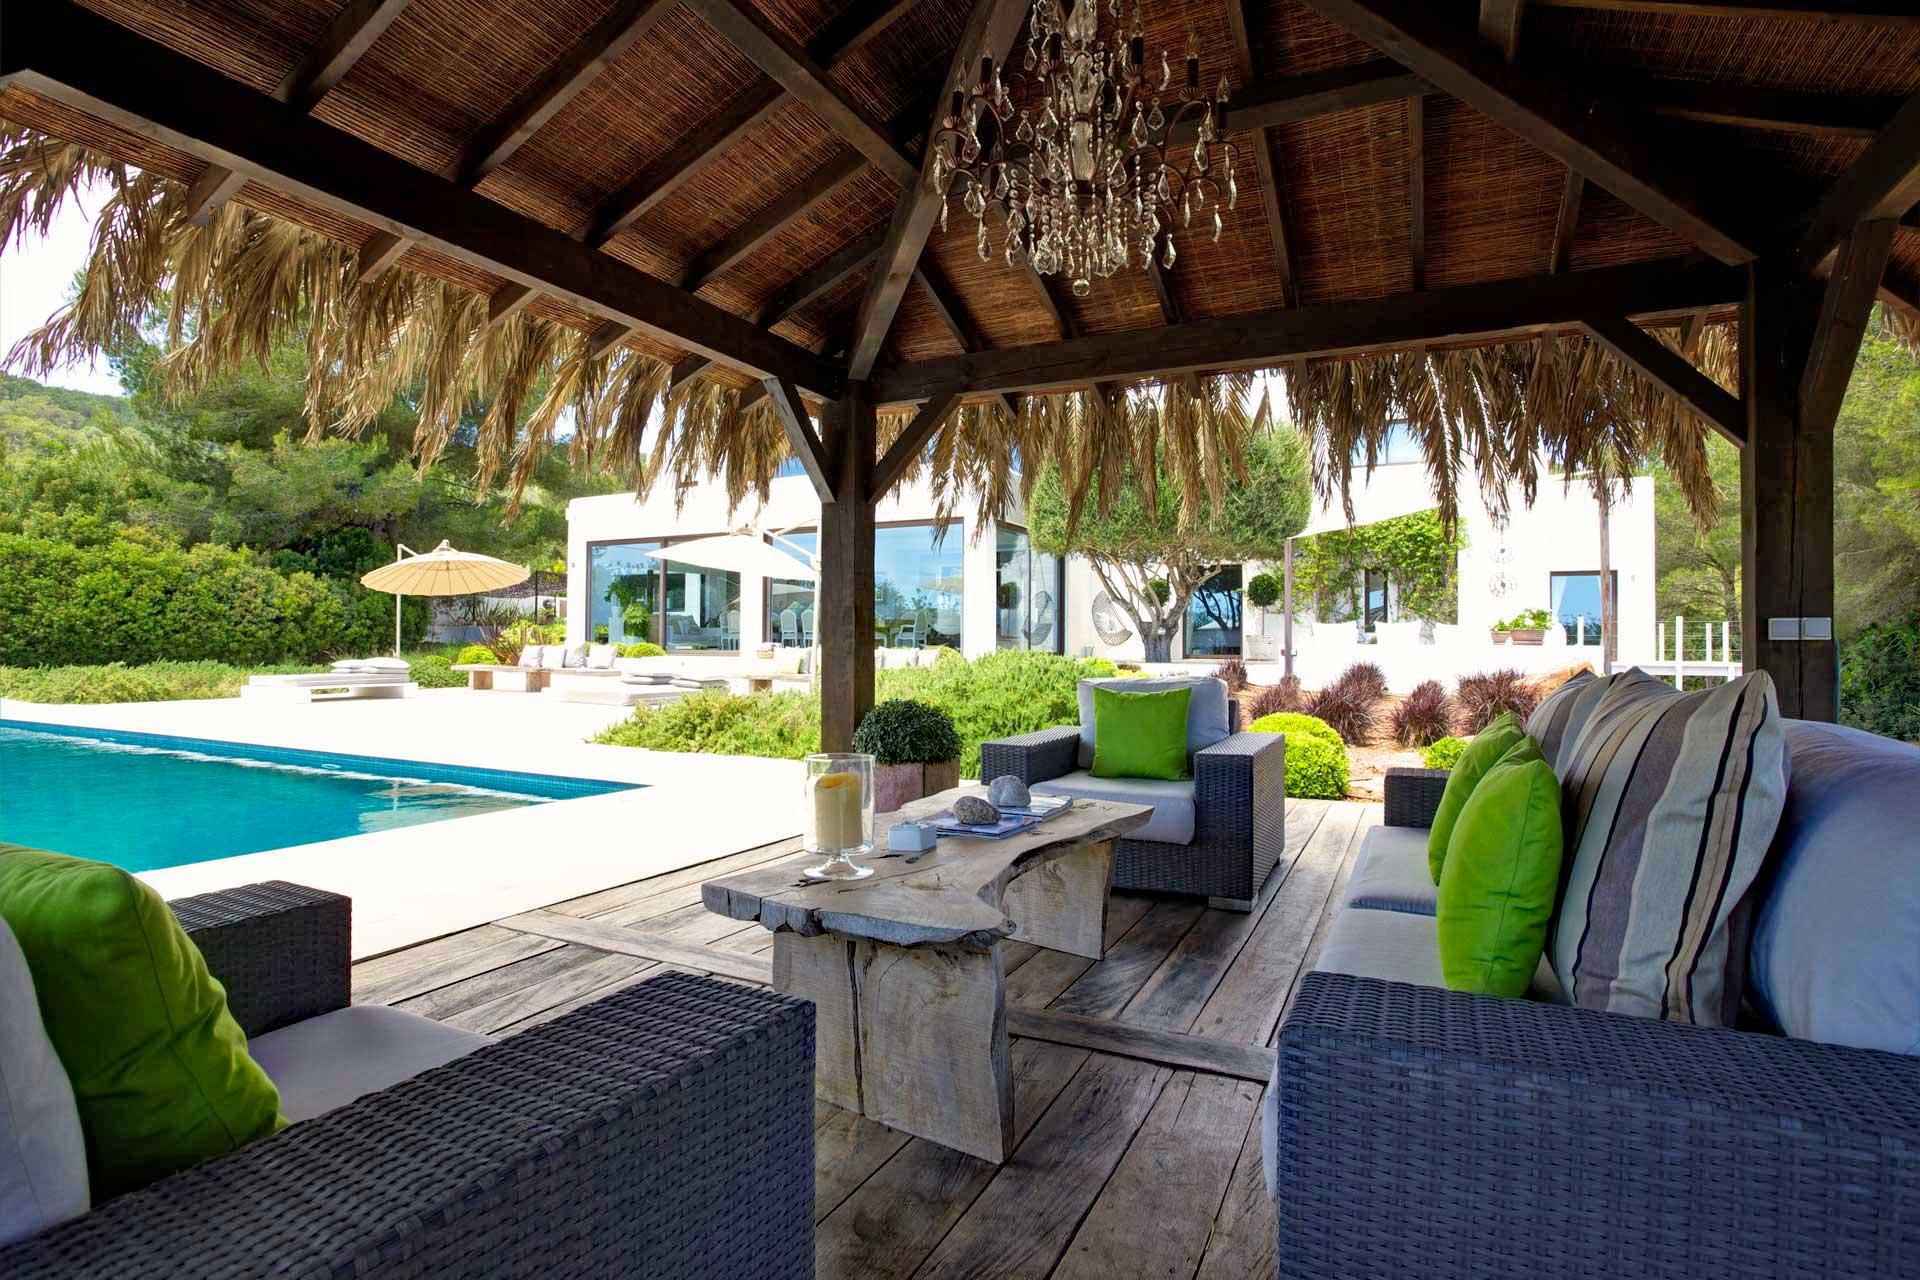 Villa Can Buu Ibiza - Bali house